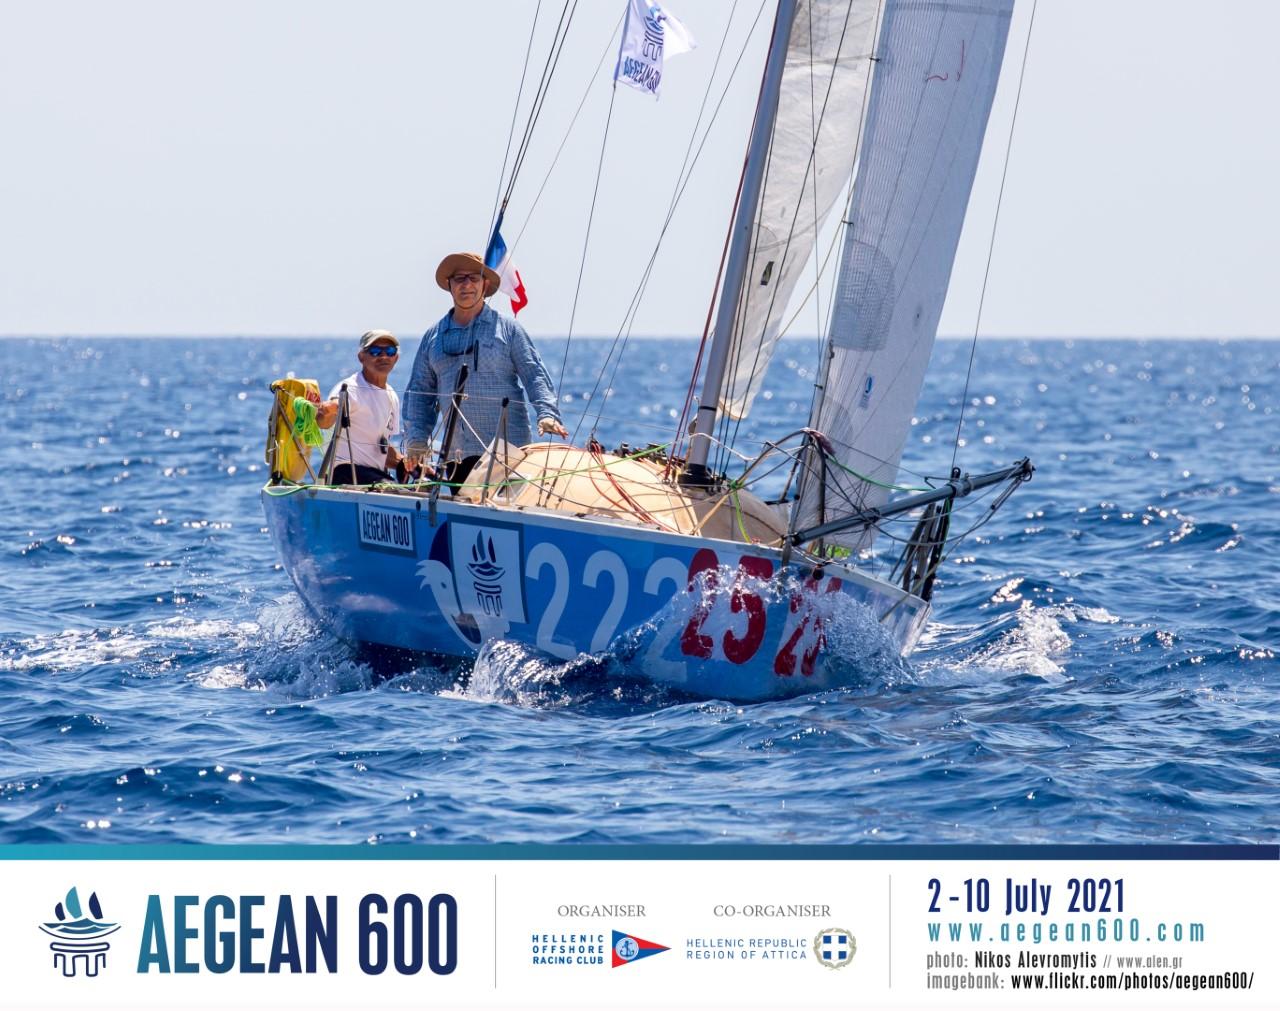 aegean-600-o-ypermarathonios-istioploikos-athlos-oloklirothike3